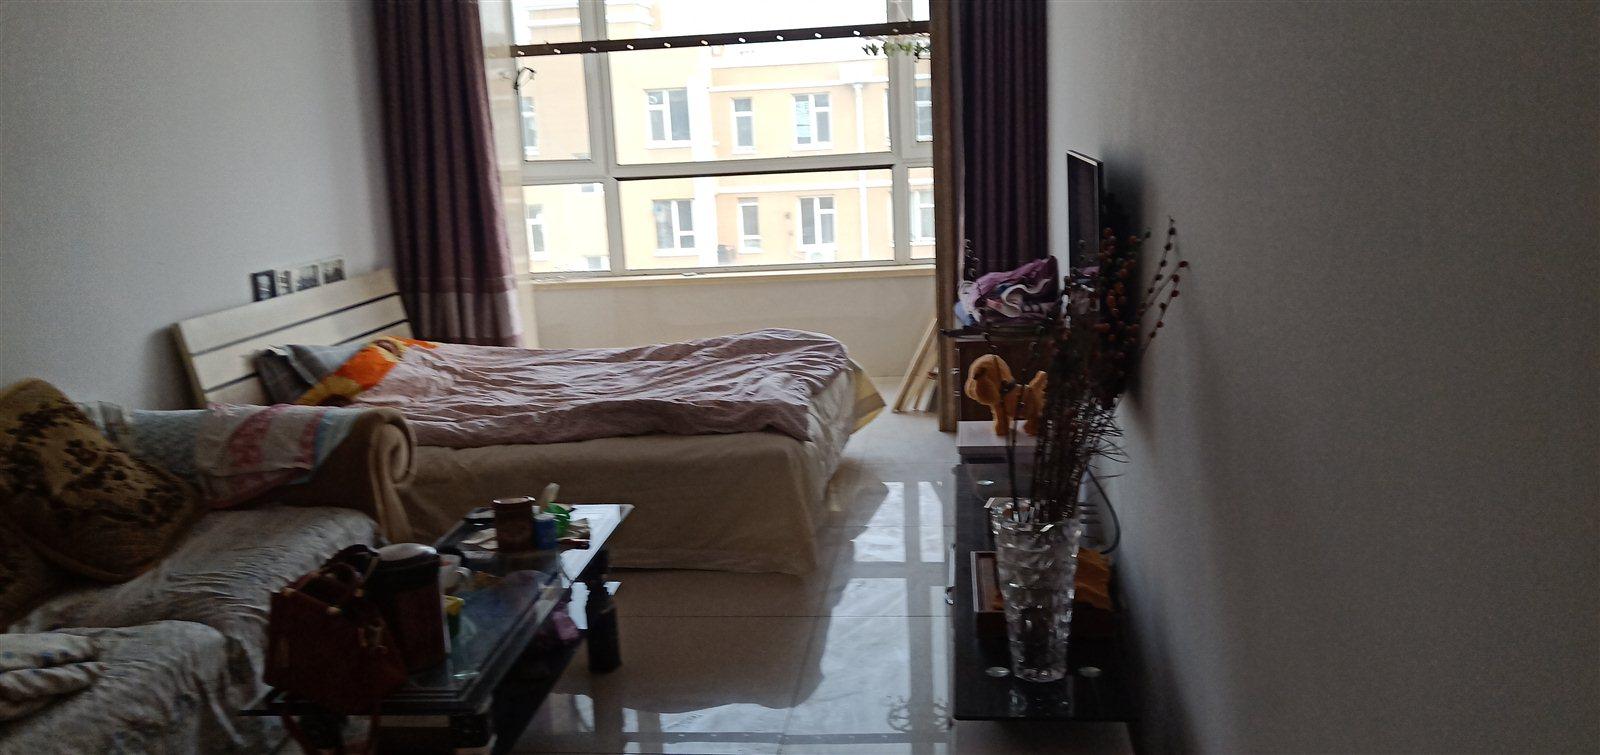 明珠花园2室 1厅 1卫16万元